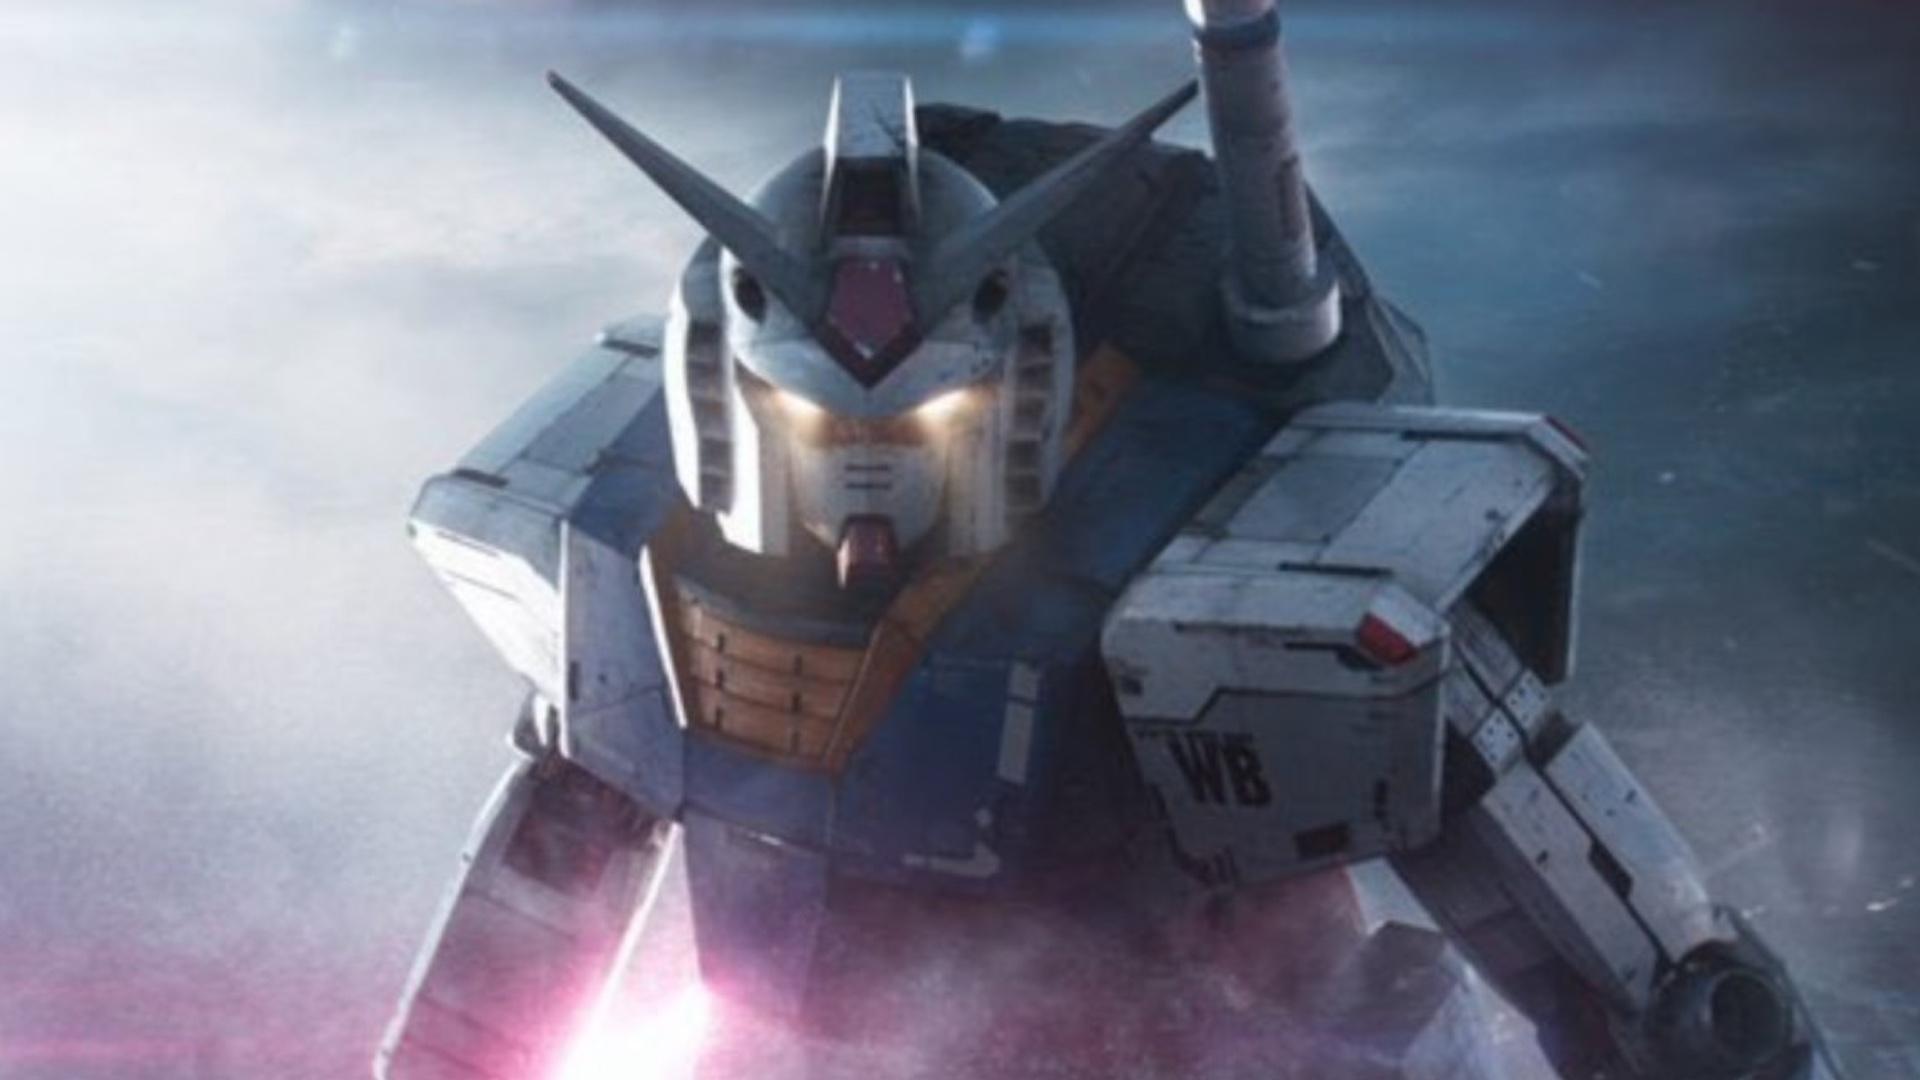 Gundam: Legendary e Sunrise annunciano un adattamento live-action!